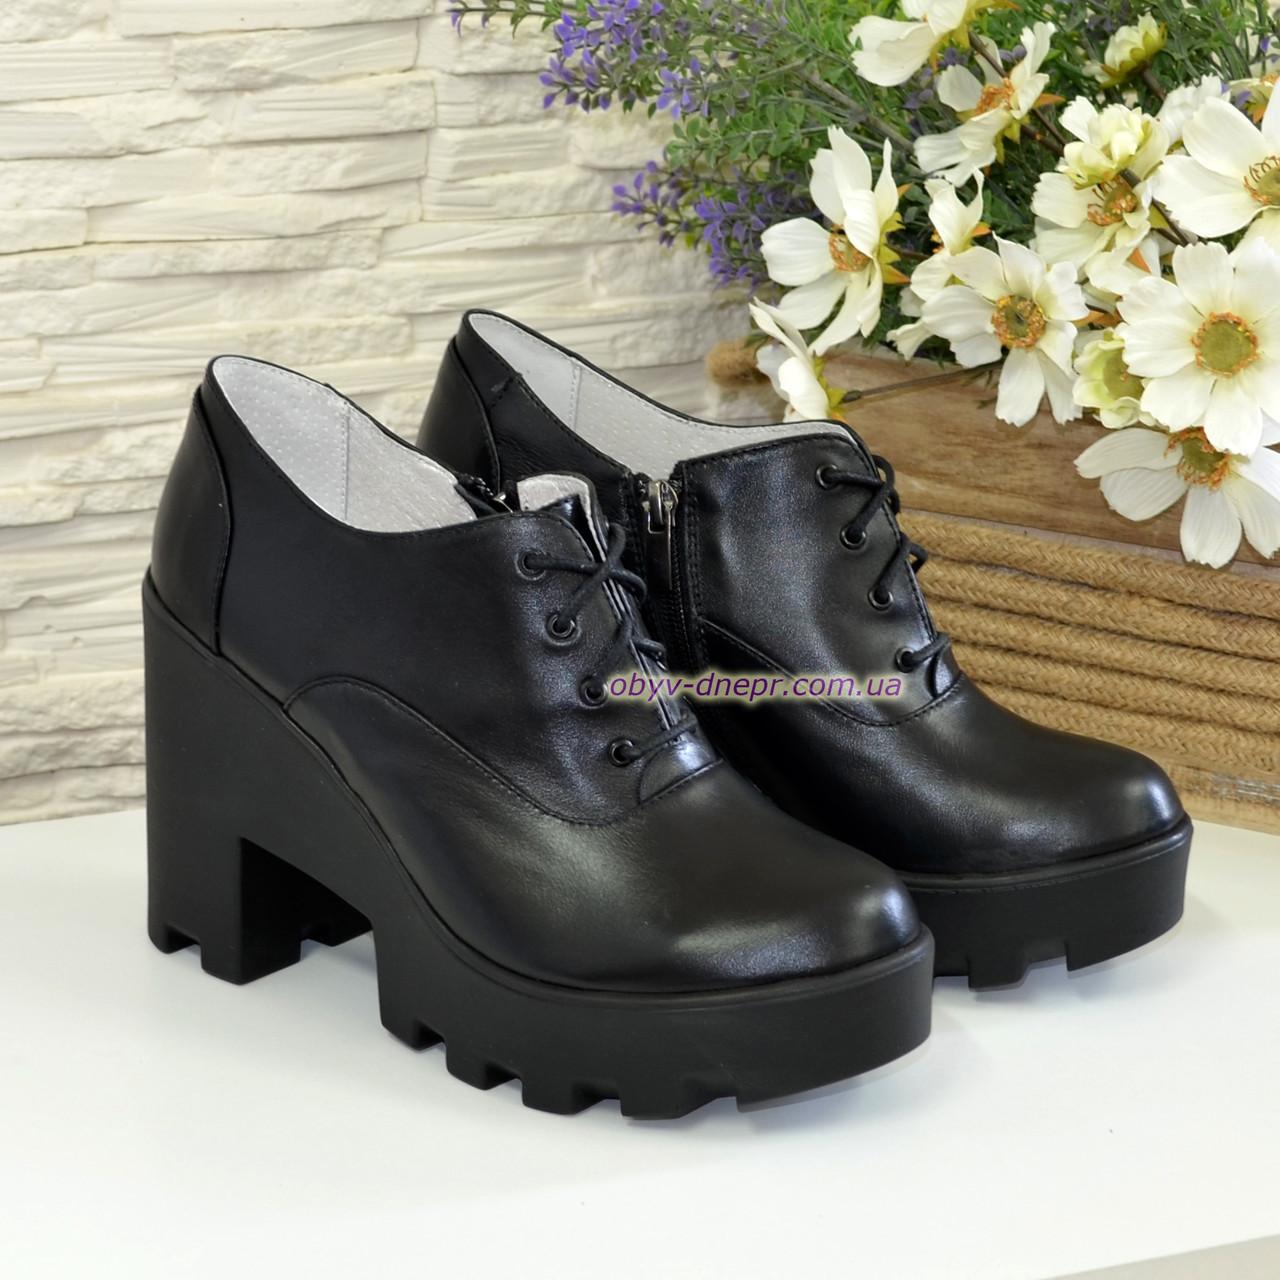 Туфли женские кожаные на шнуровке a6ce72a68ee27